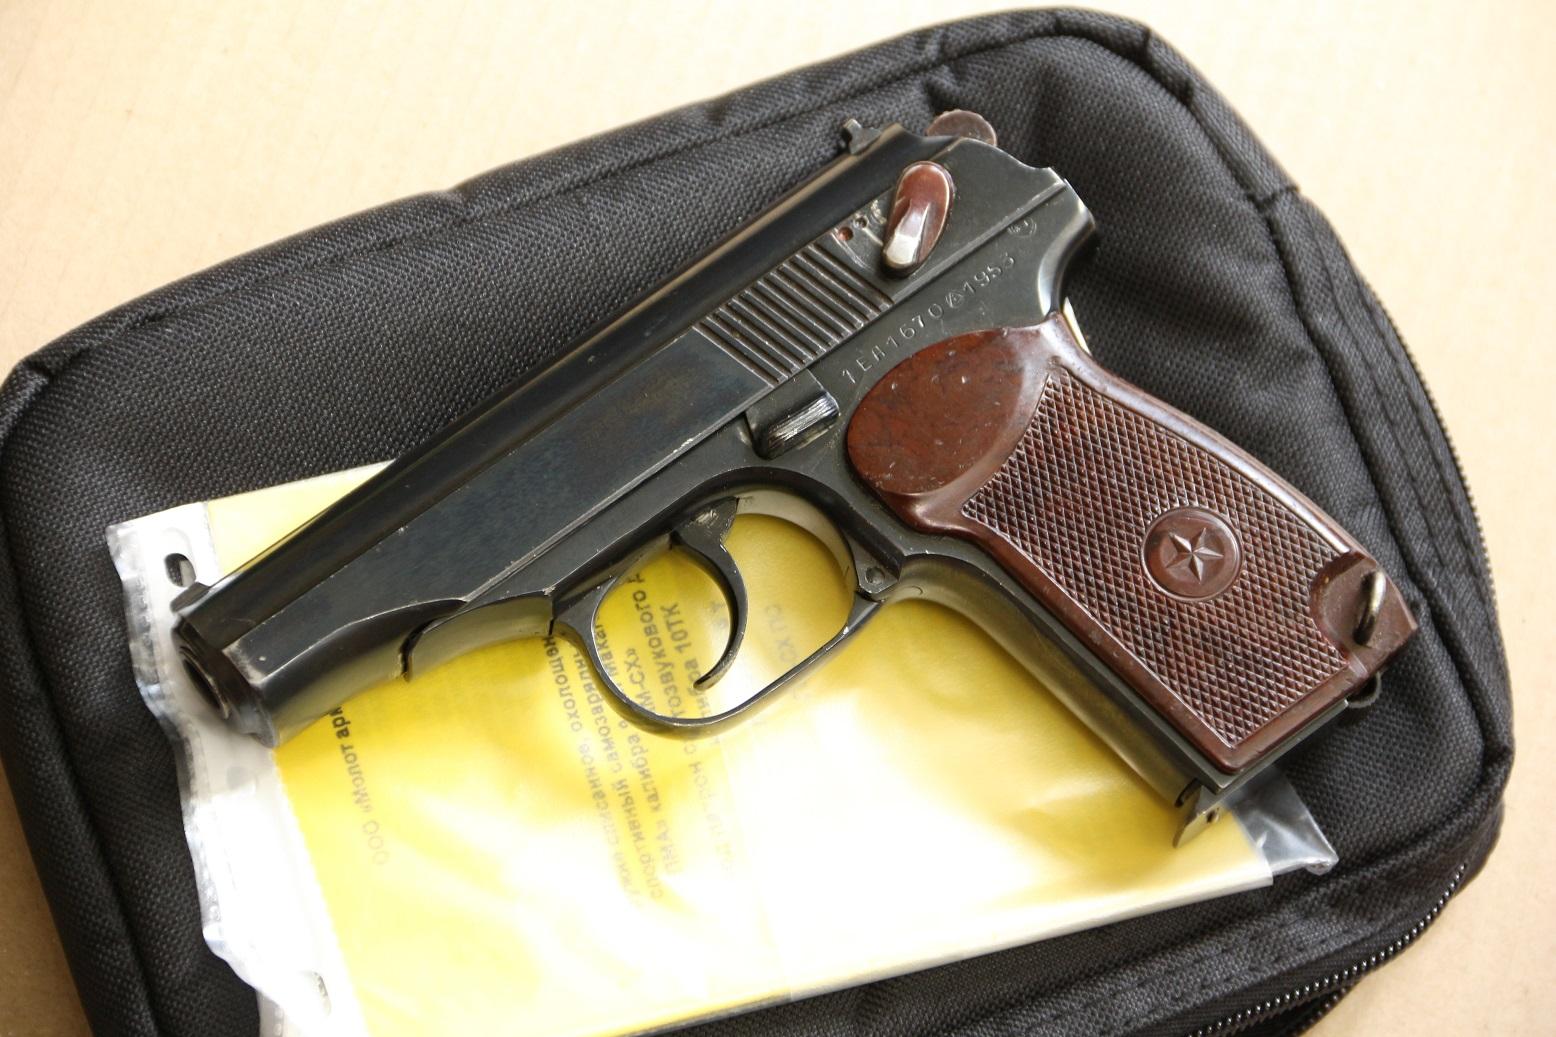 Фото Охолощенный пистолет Макарова ПМ-СХ 1953 года, №ЕА 1670, деактив 2020 года